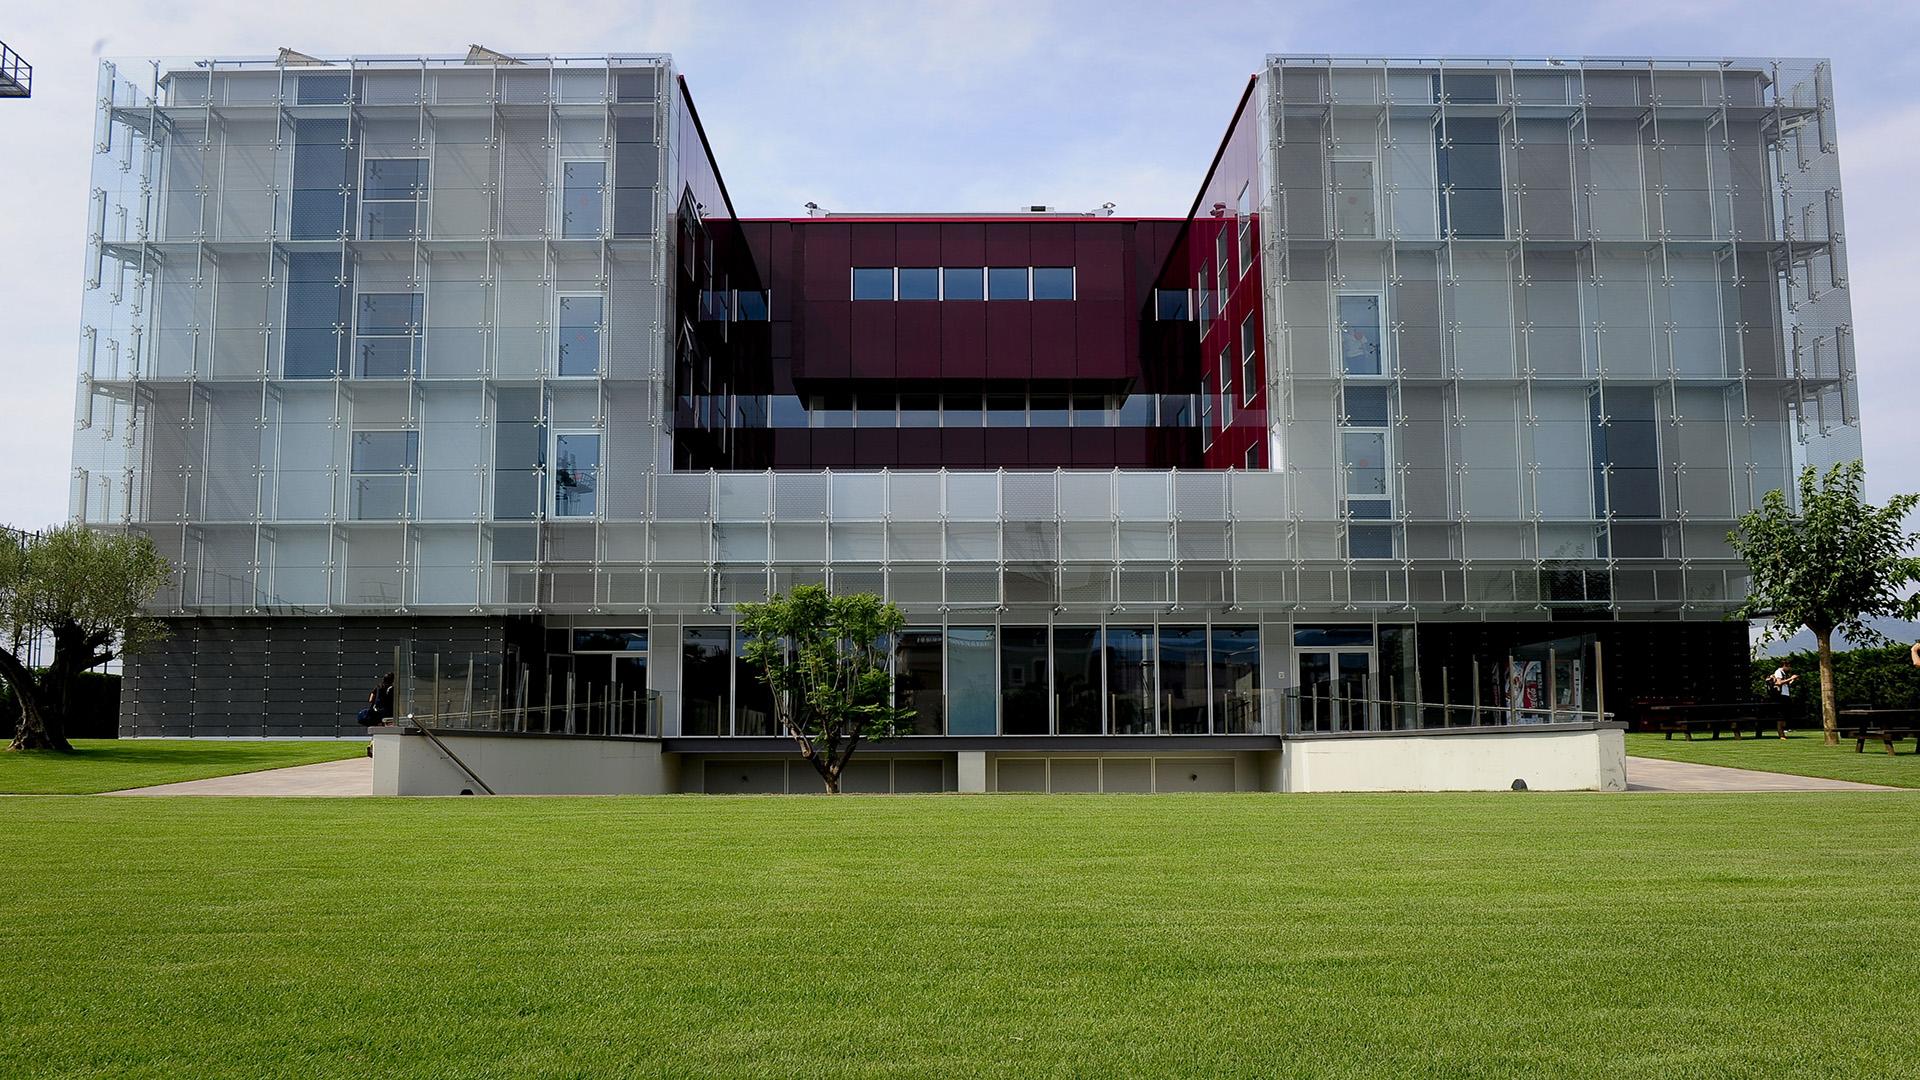 المنظر العام لأكاديمية لا ماسيا